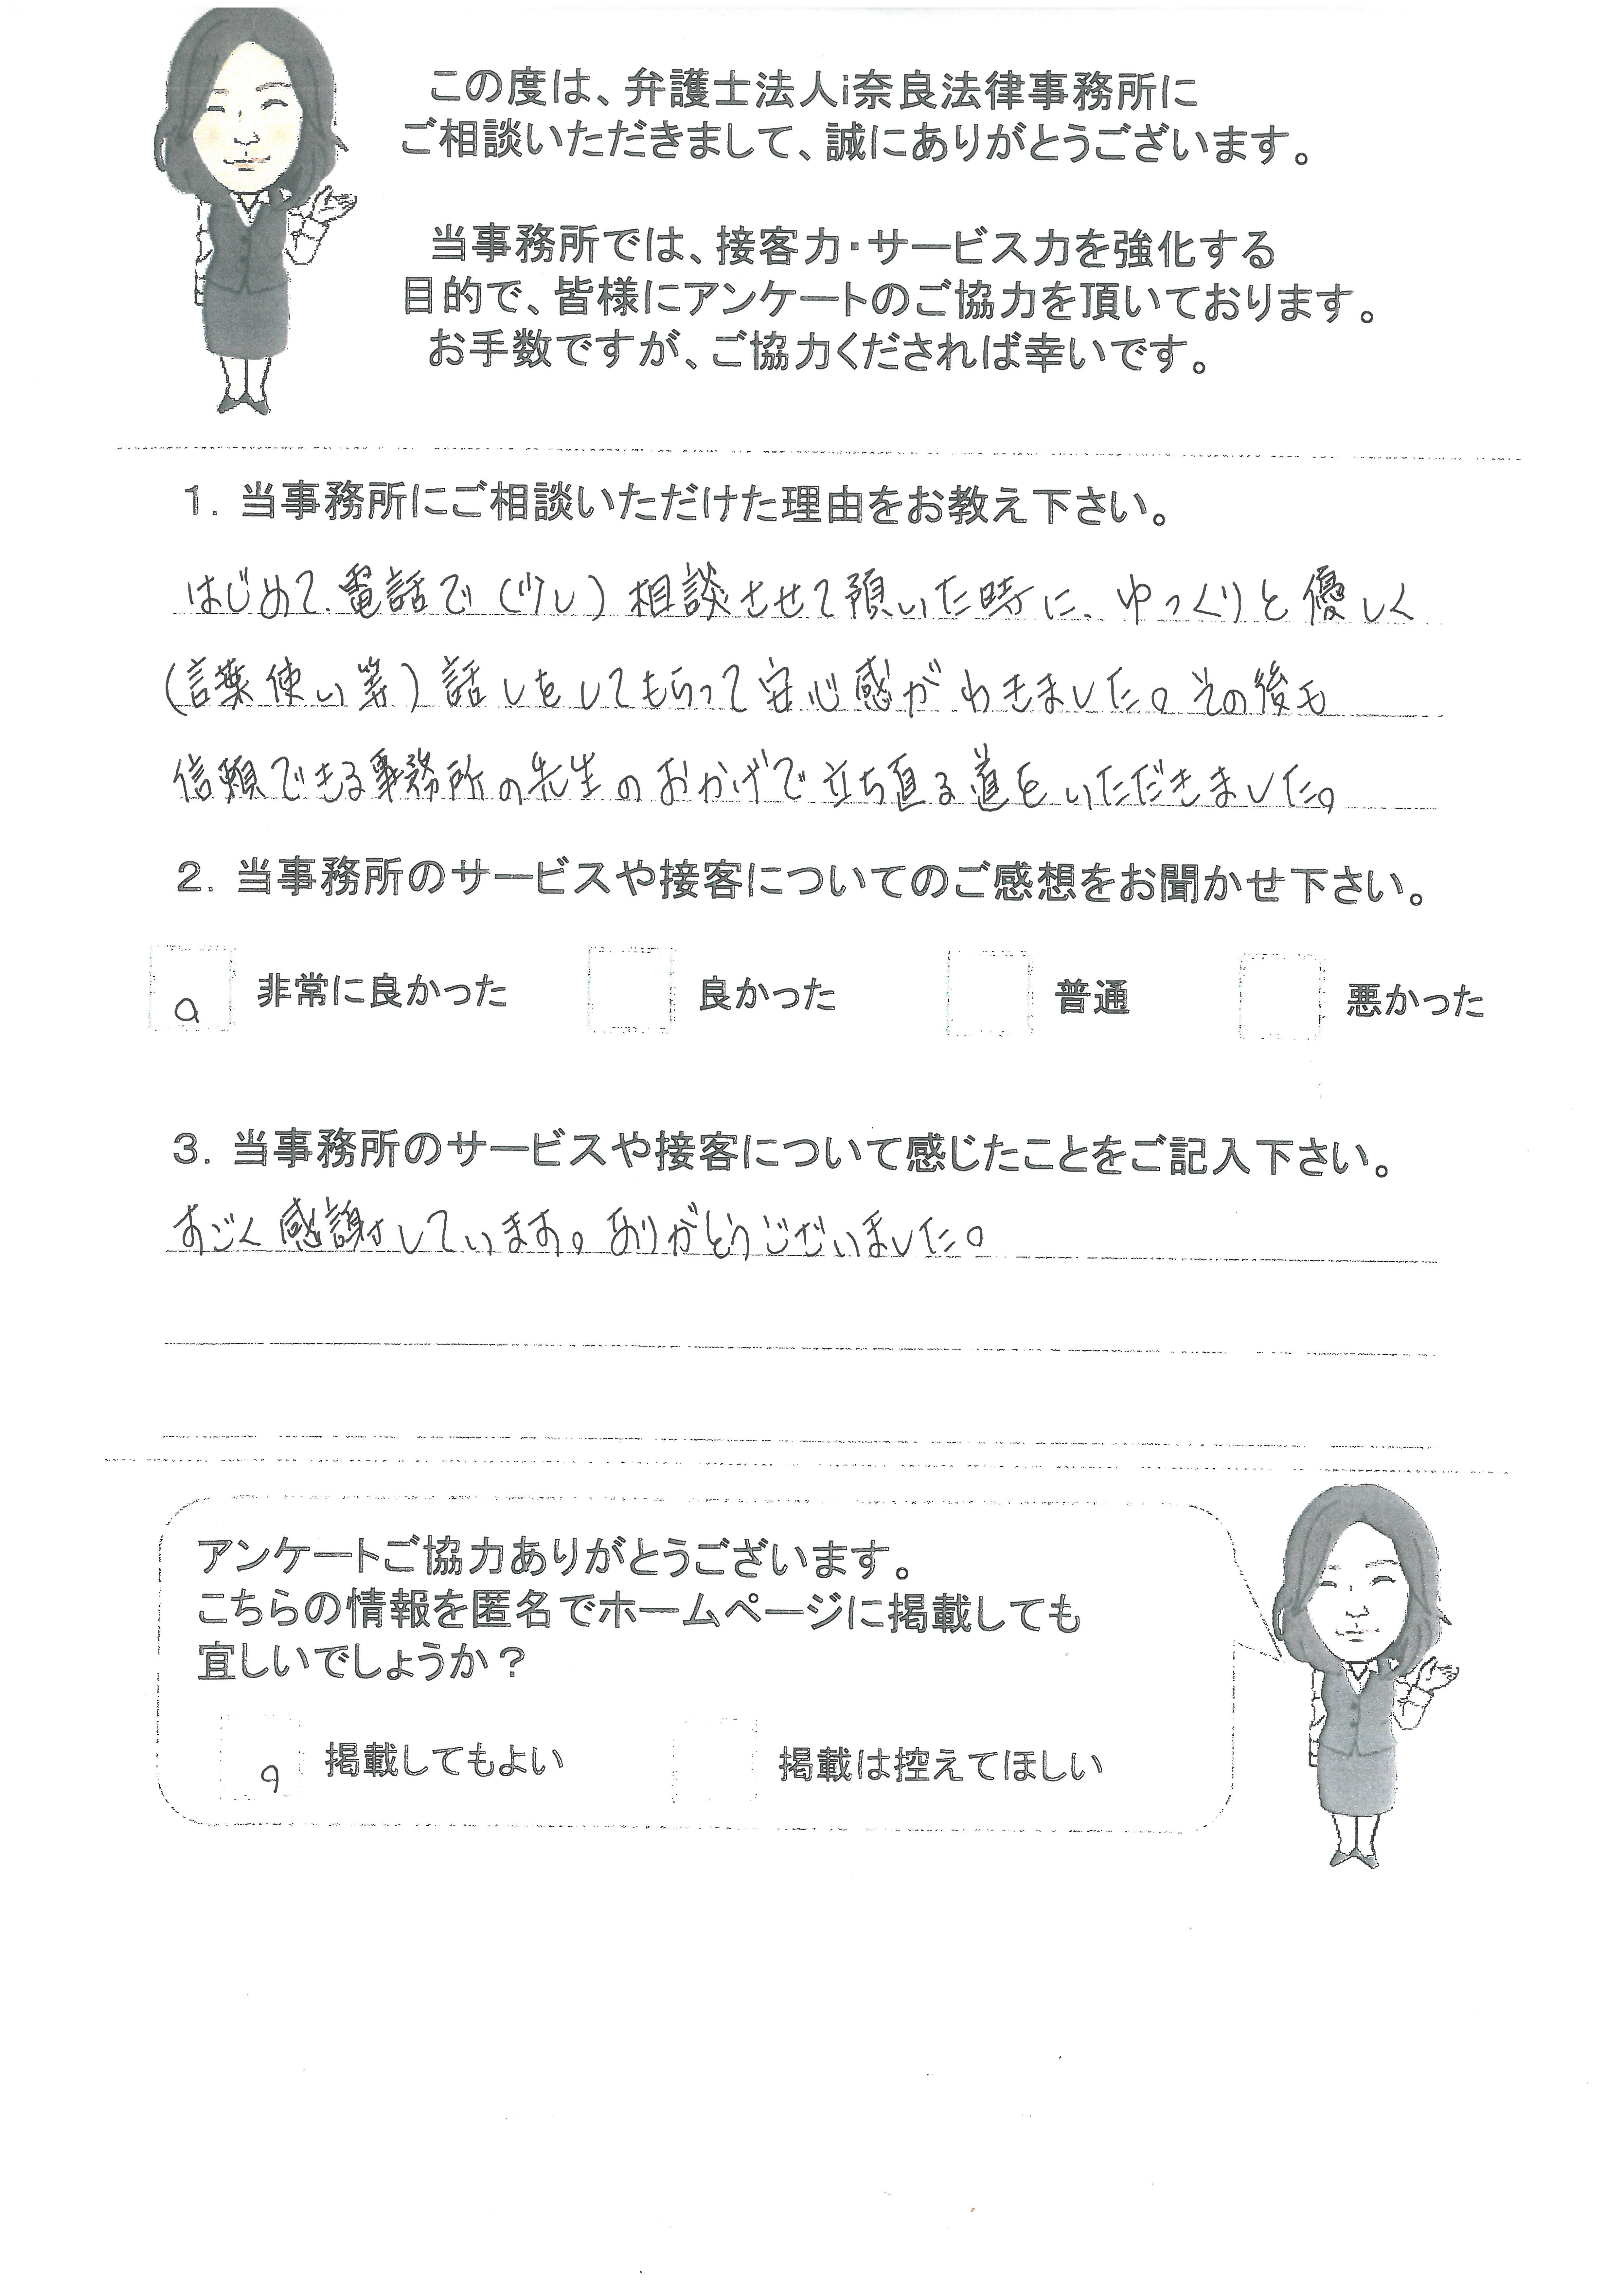 奈良事務所1.jpg